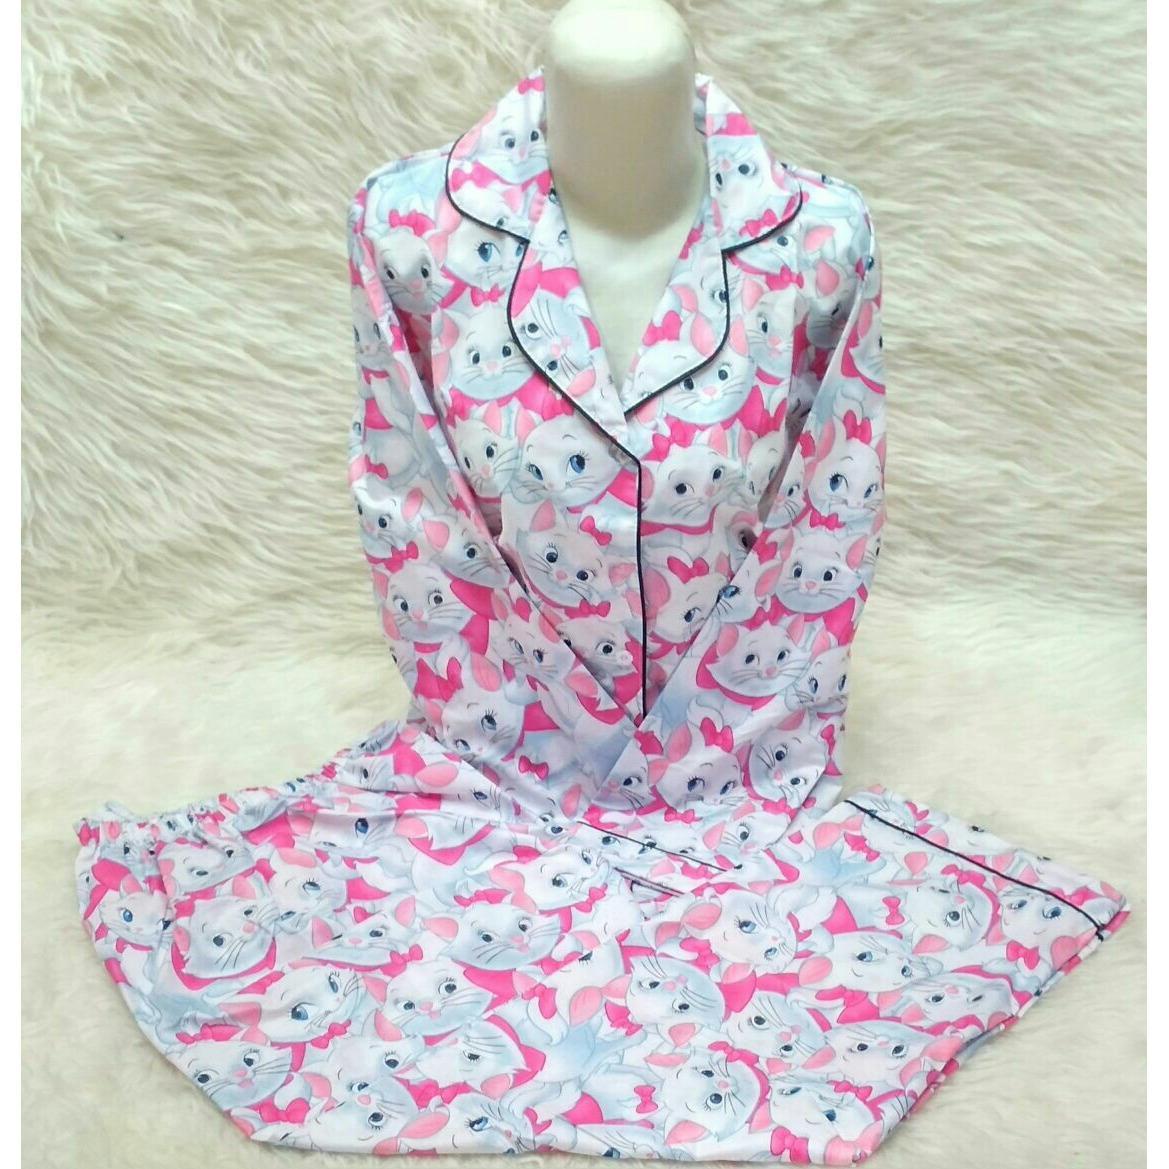 Spesifikasi Lunashop Fashion Wanita Model Baju Tidur Corak Gambar Panjang Murah